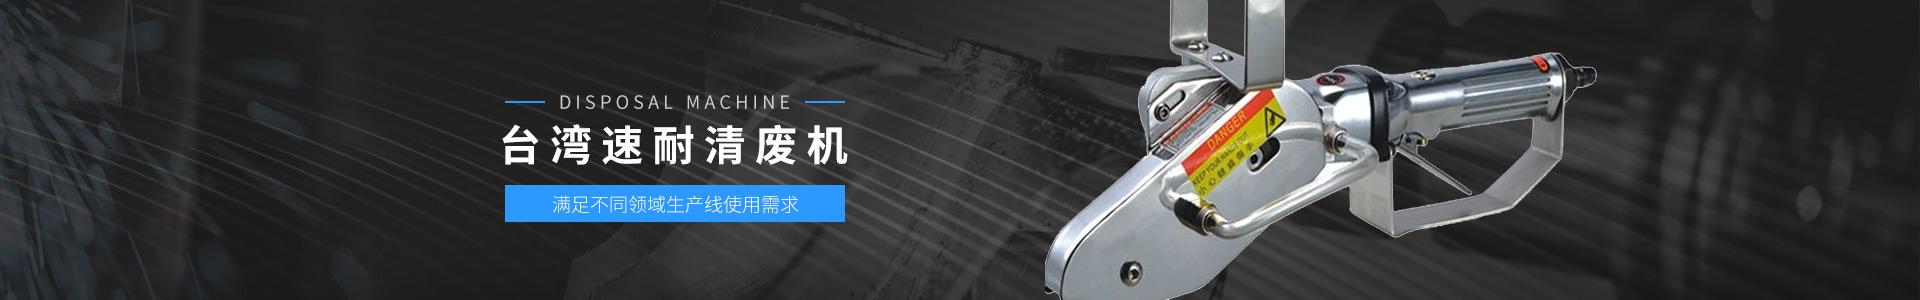 台湾速耐-清废机